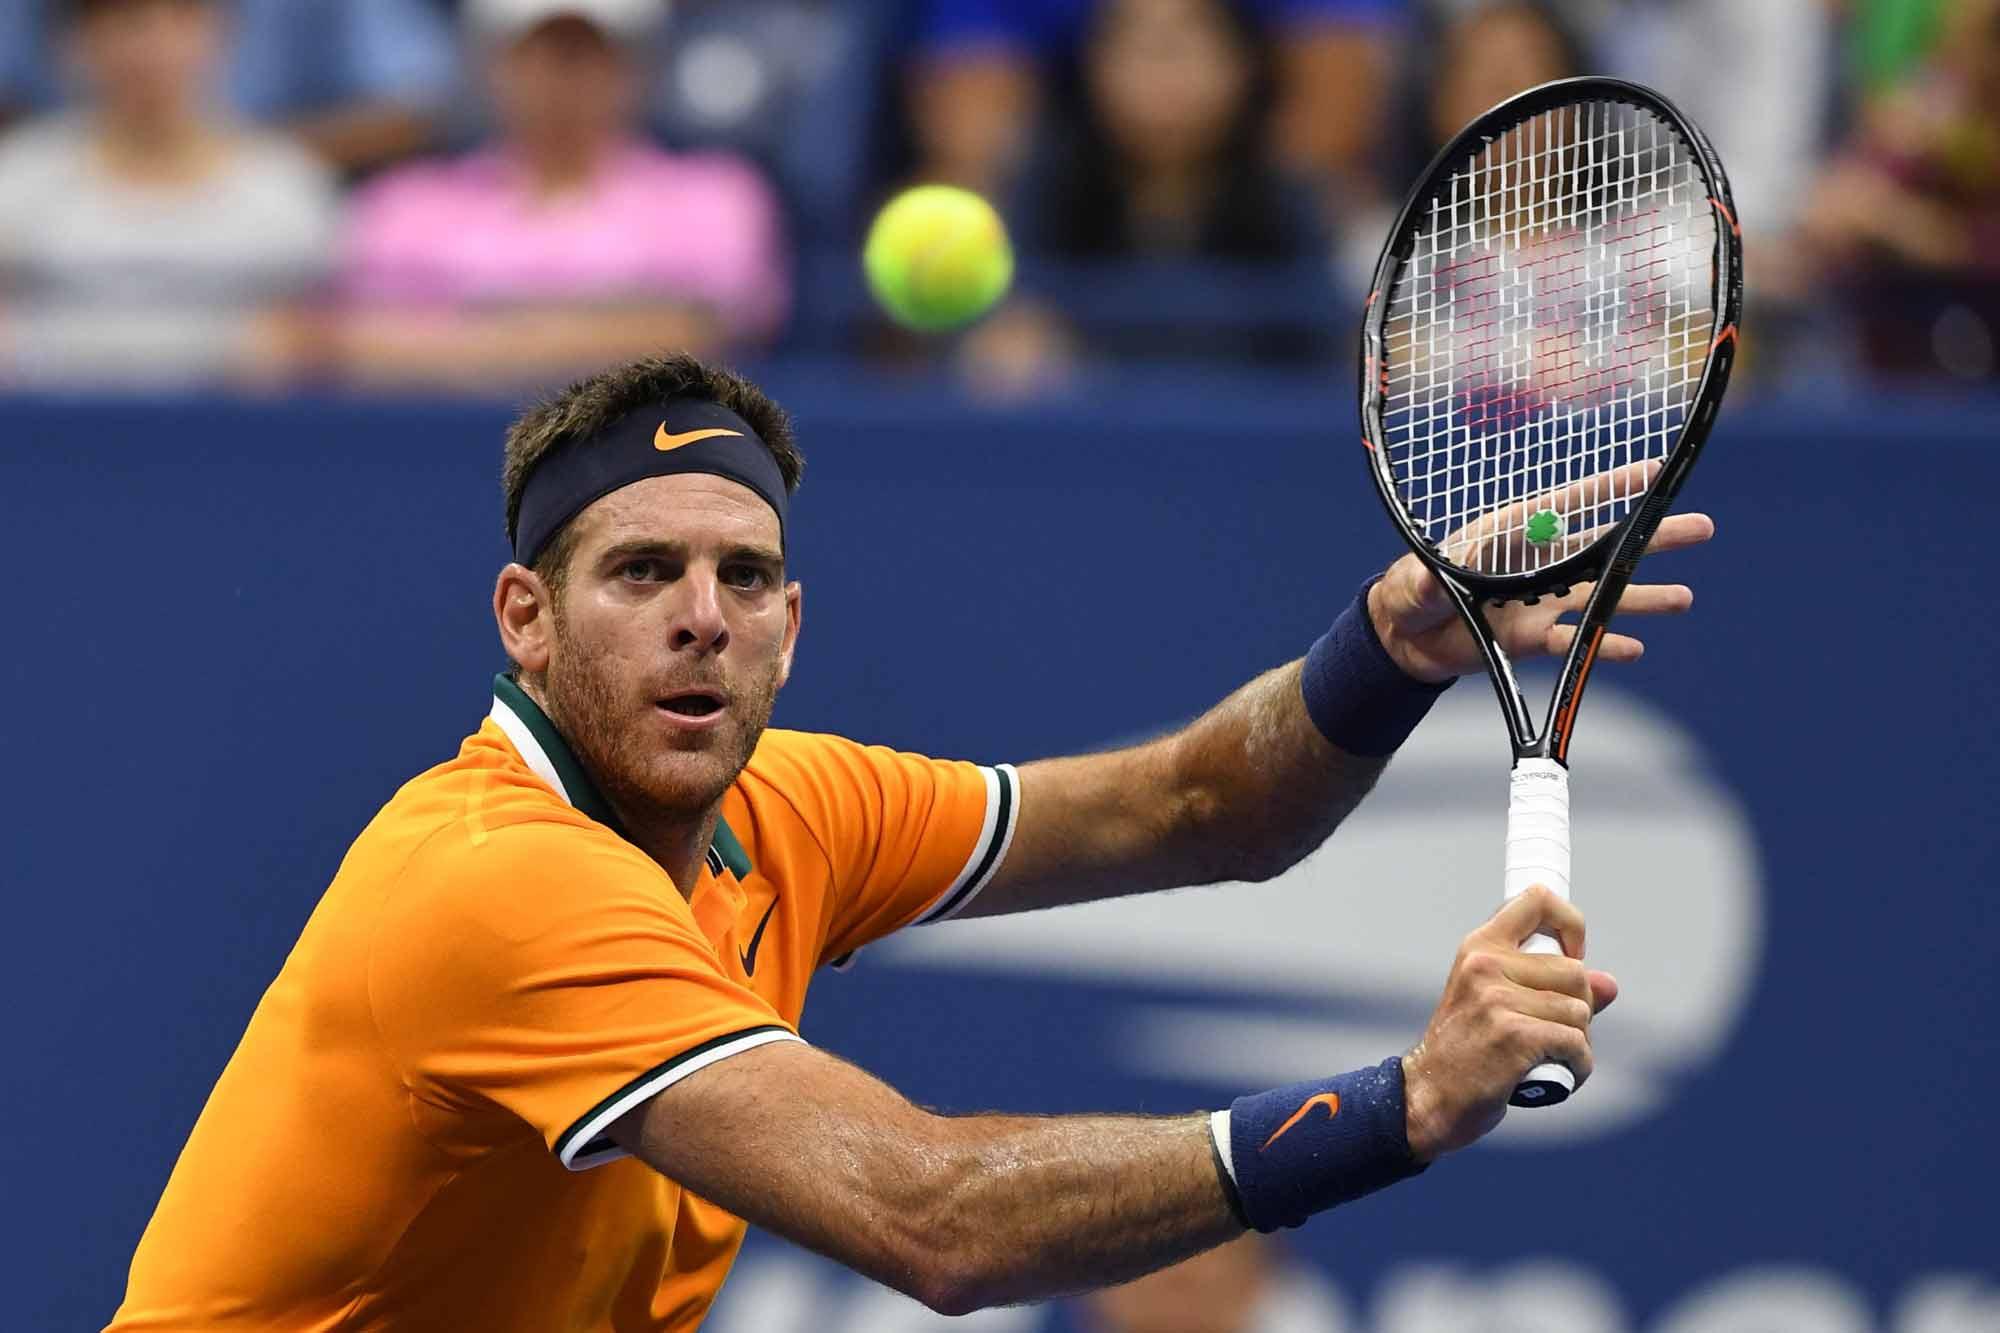 Juan Martín del Potro-John Isner, por los cuartos de final del US Open: horario y TV